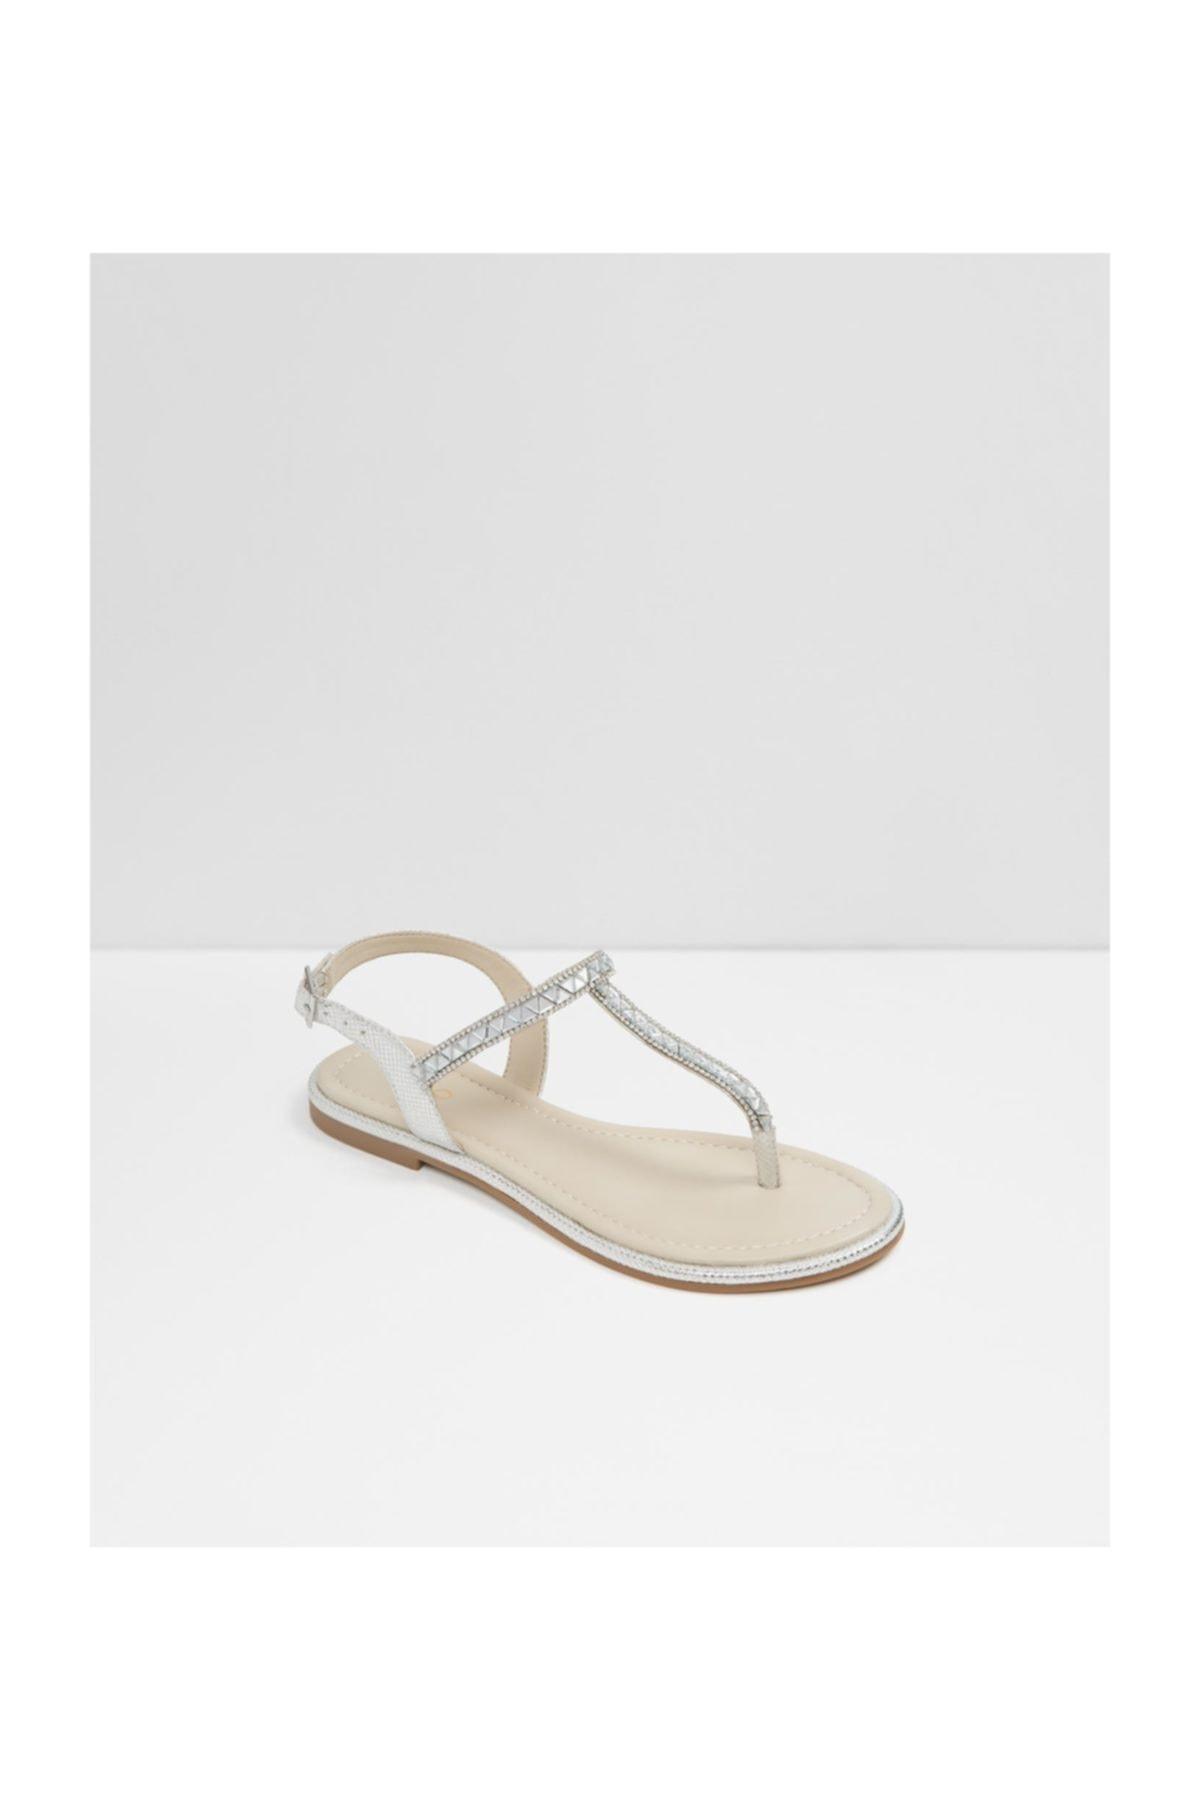 Aldo Kadın Gümüş Sandalet 58636 2